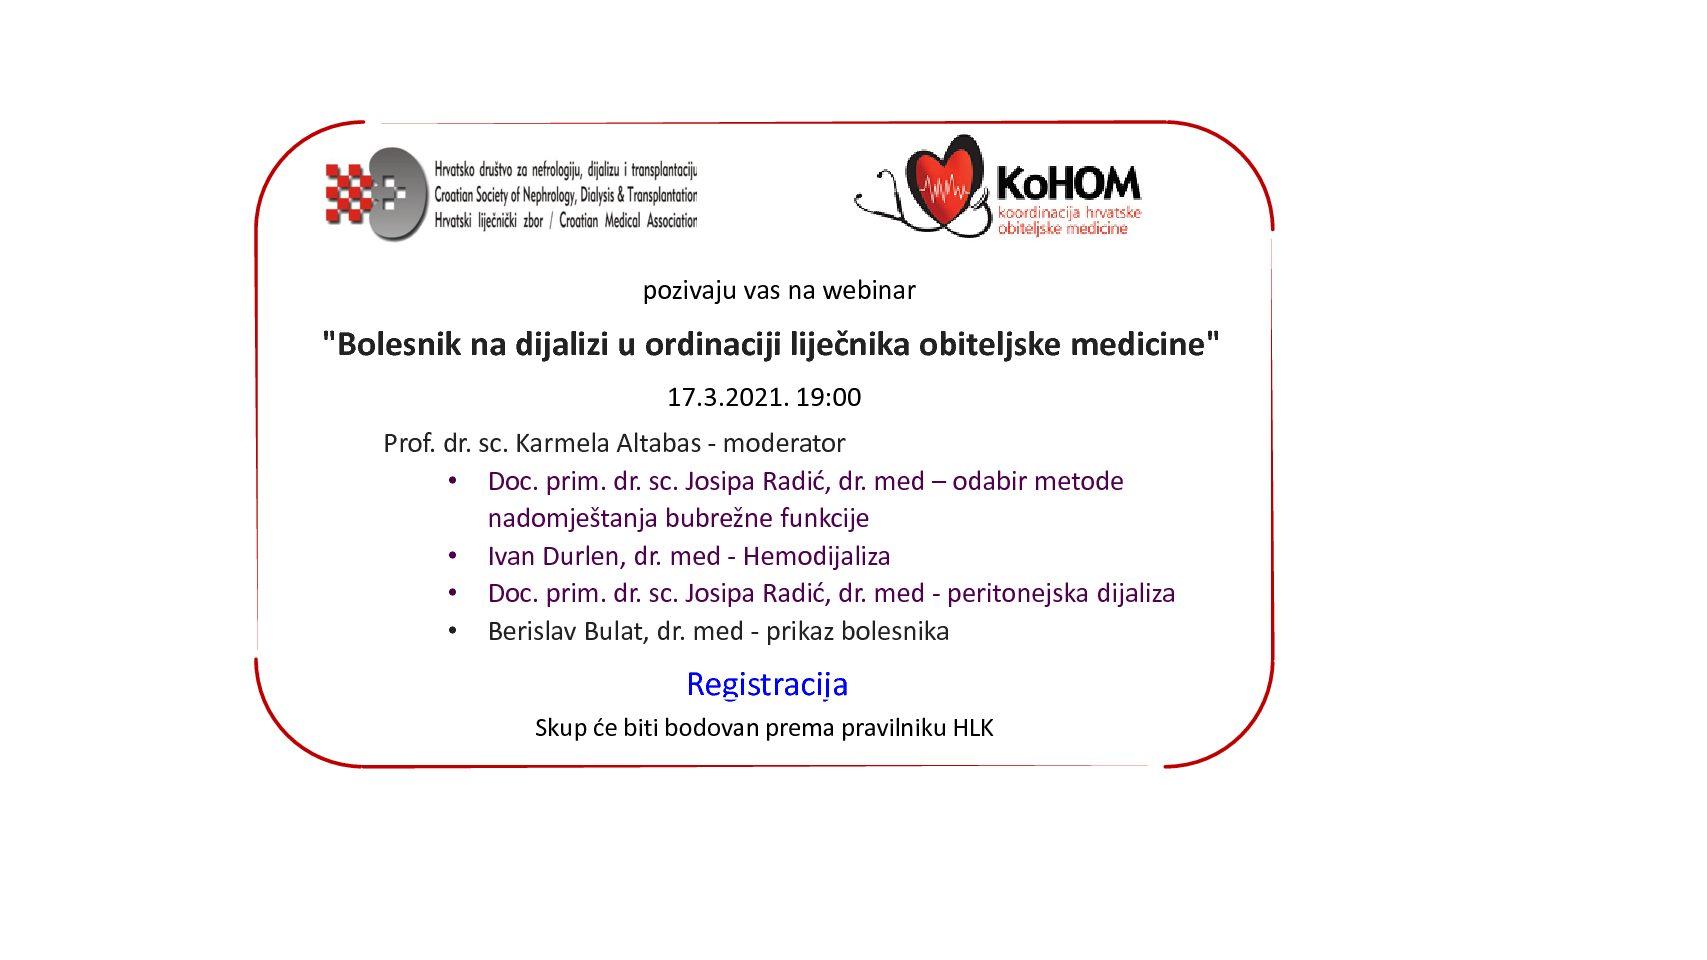 Webinar: Bolesnik na dijalizi u ordinaciji liječnika obiteljske medicine